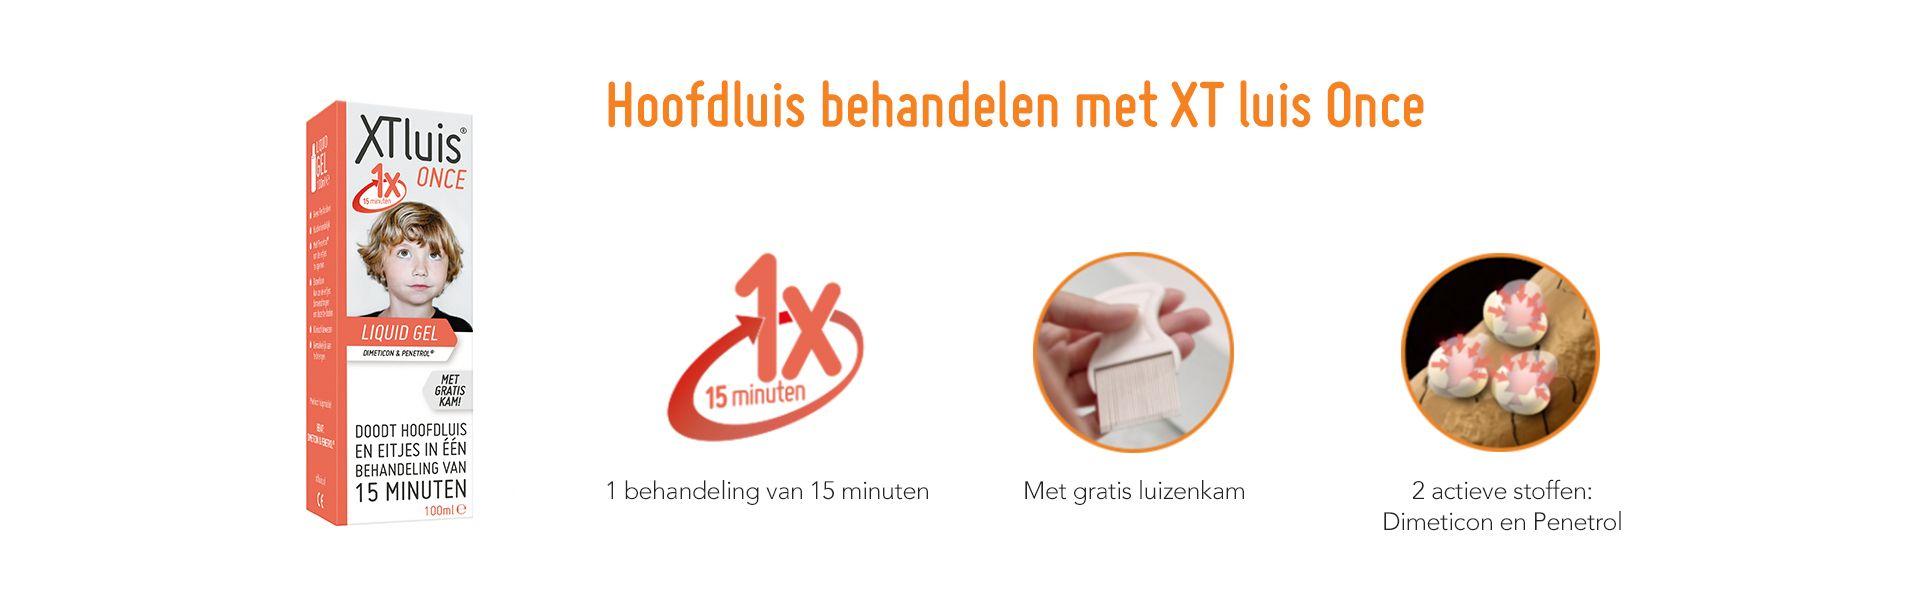 XT luis - Once - Actieve stoffen Dimeticon Penetrol